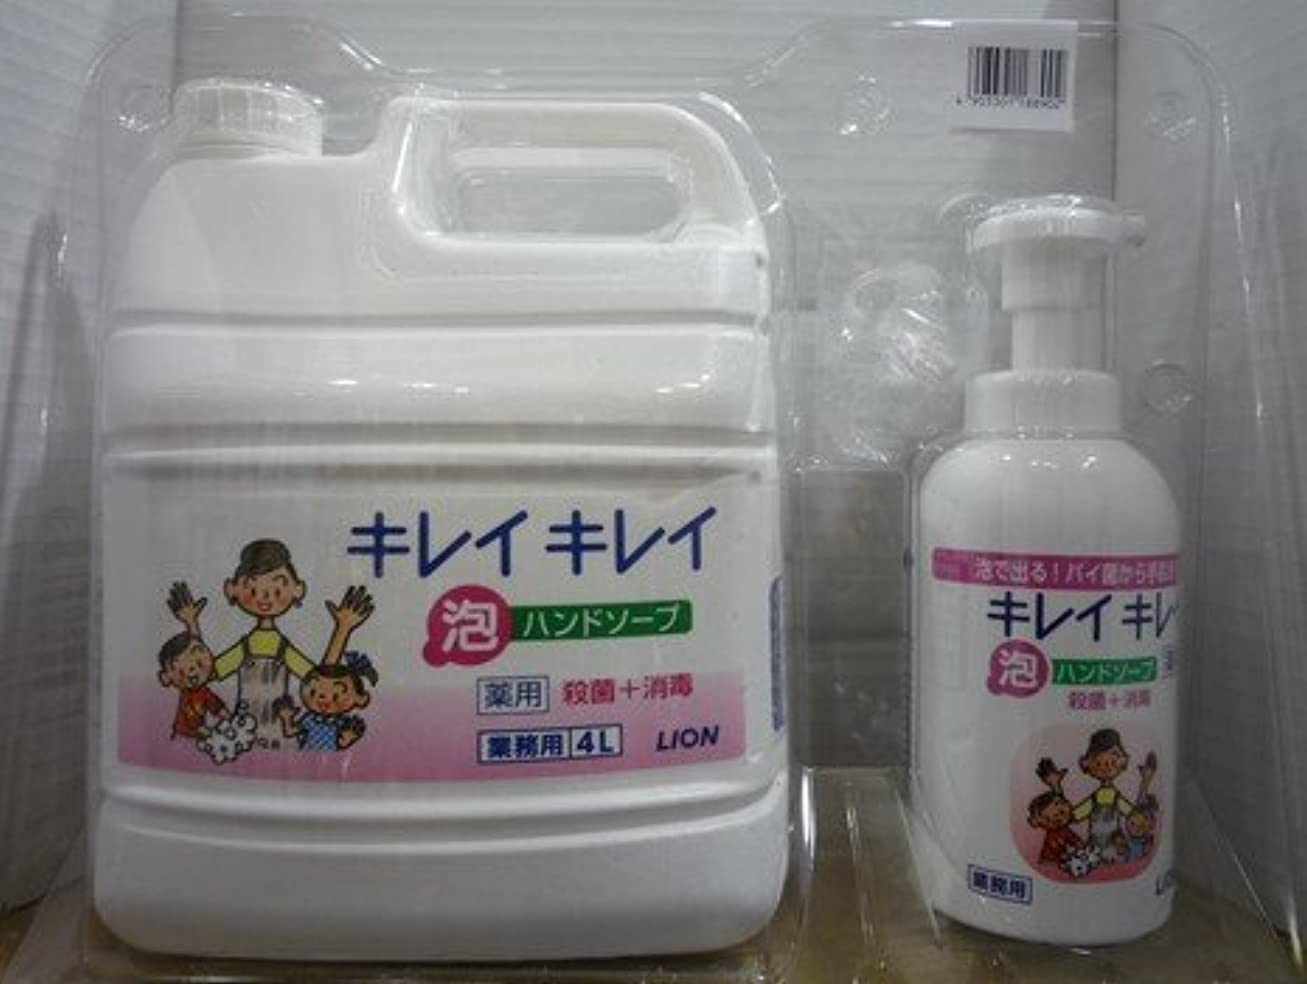 可能にする側批判するキレイキレイ 薬用泡ハンドソープ 業務用 4L+キレイキレイ 薬用泡ハンドソープボトル550ml